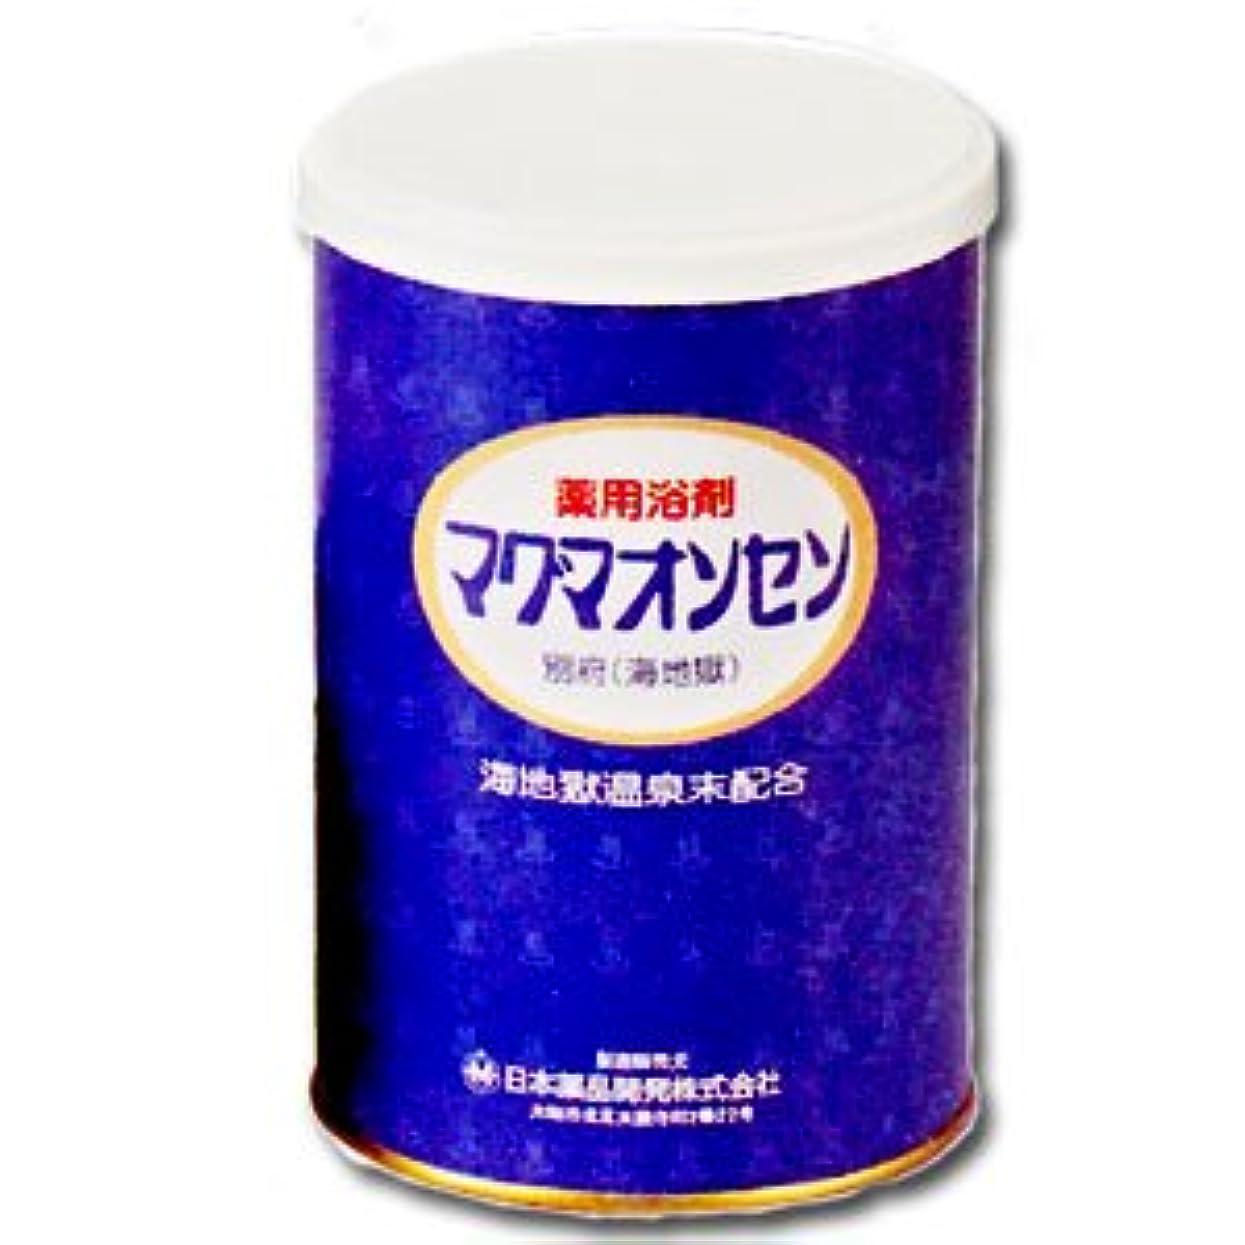 本土正義望み薬用入浴剤 マグマオンセン(医薬部外品)500g